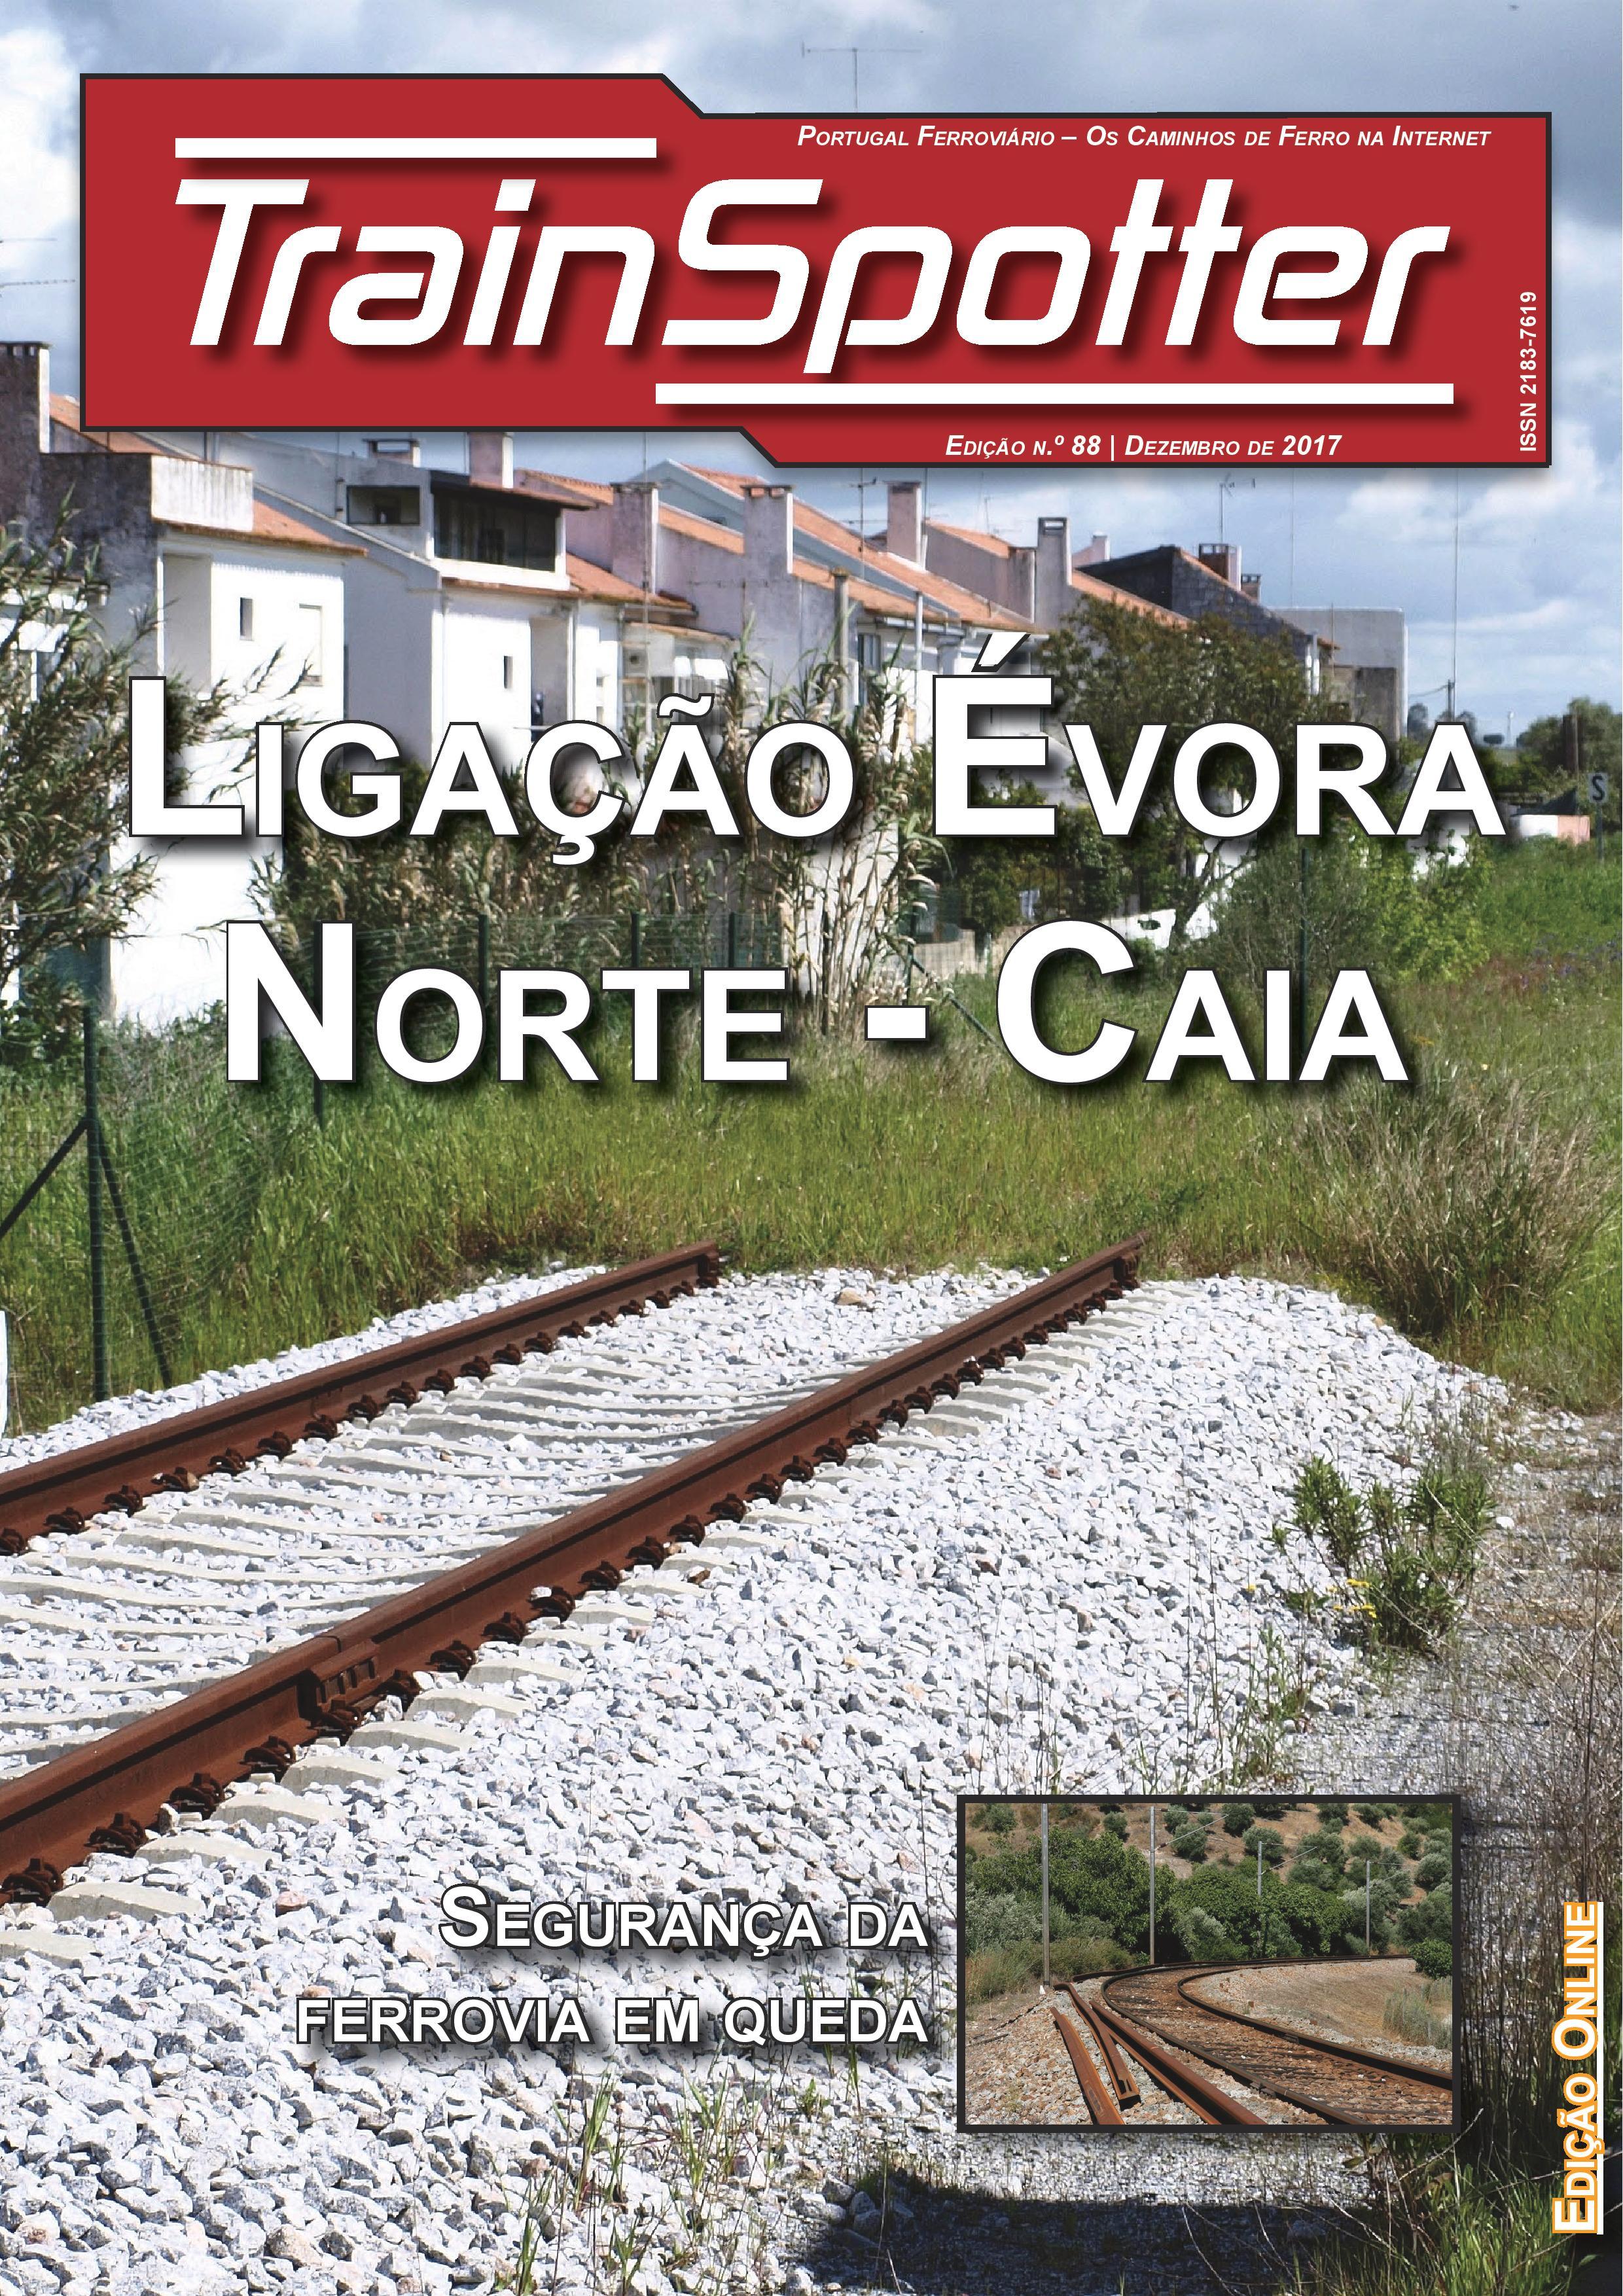 Trainspotter nº 088 – Dezembro de 2017